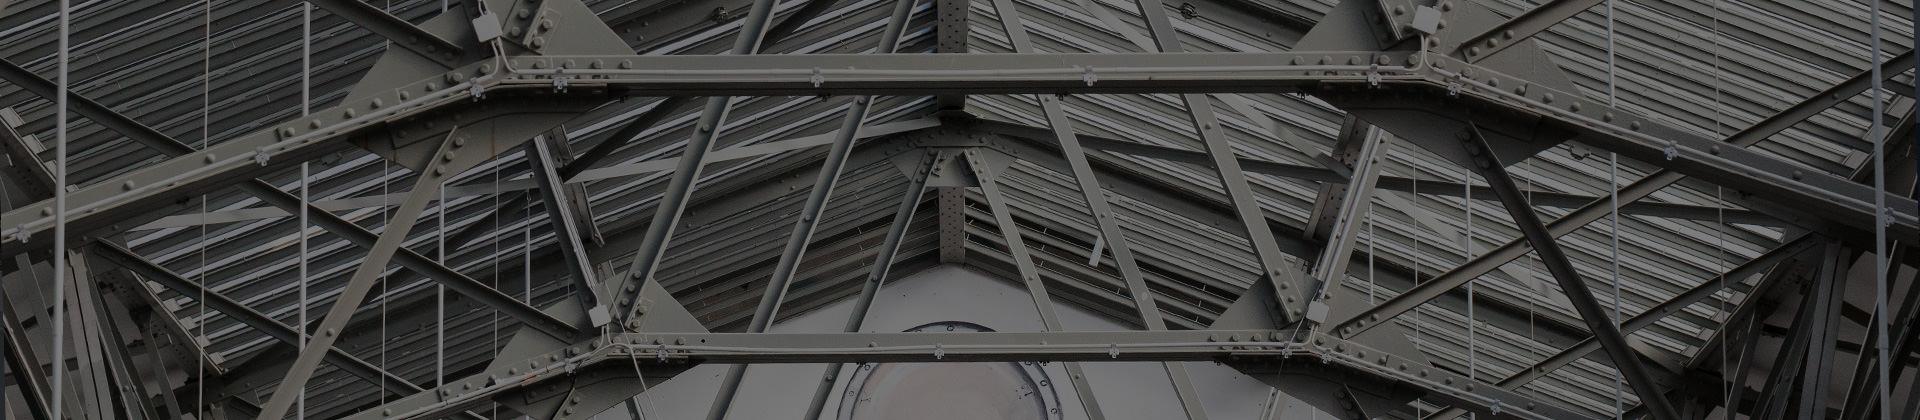 Carpenteria metallica qualificata e certificata co ge s for Pedrazzoli arredamenti